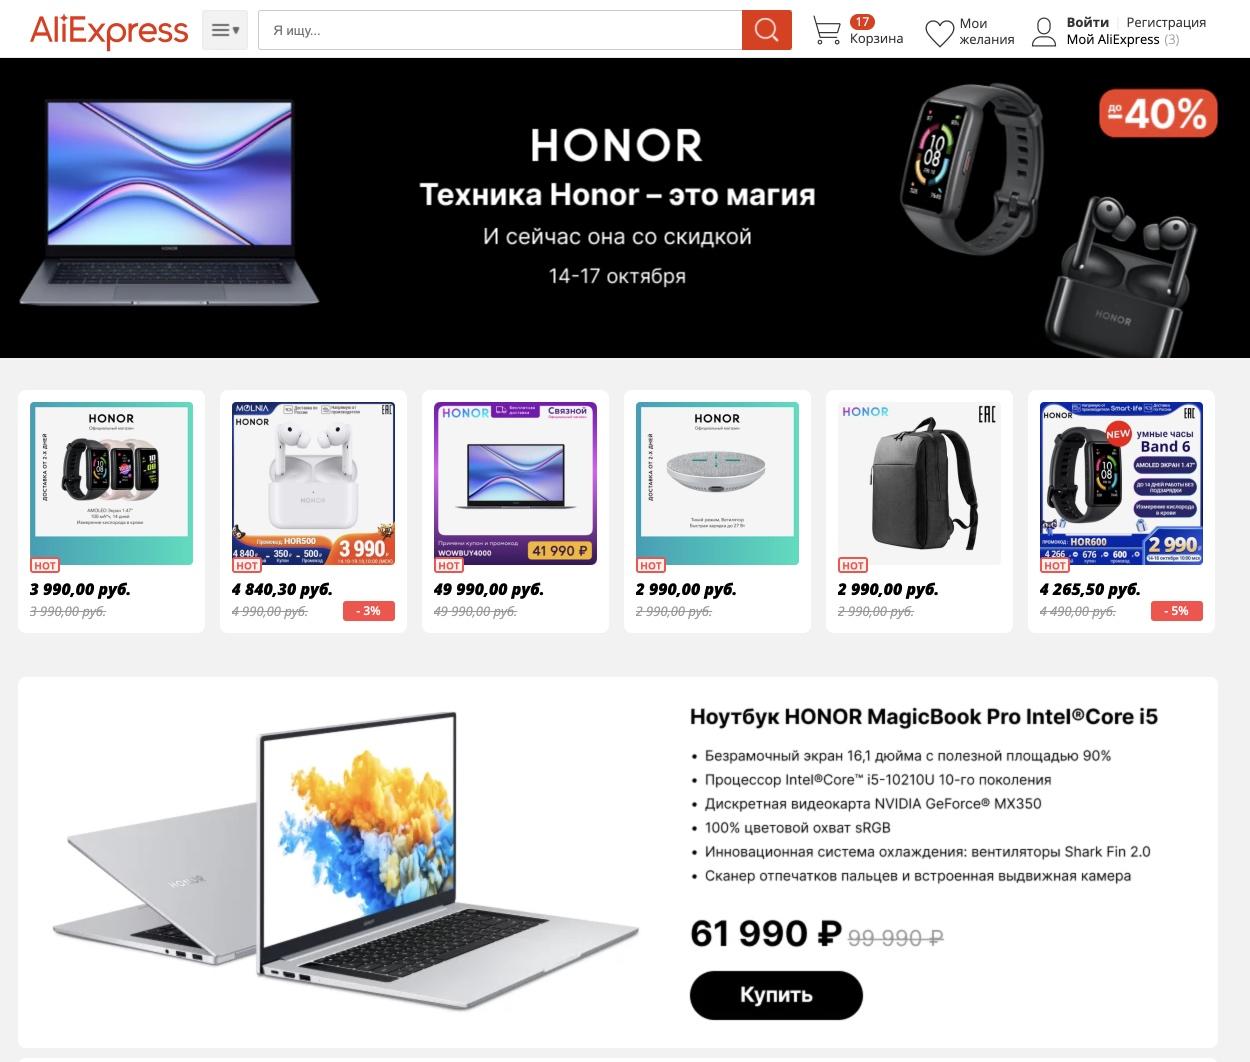 Распродажа техники HONOR - скидки до 70% ⚡️⚡️⚡️